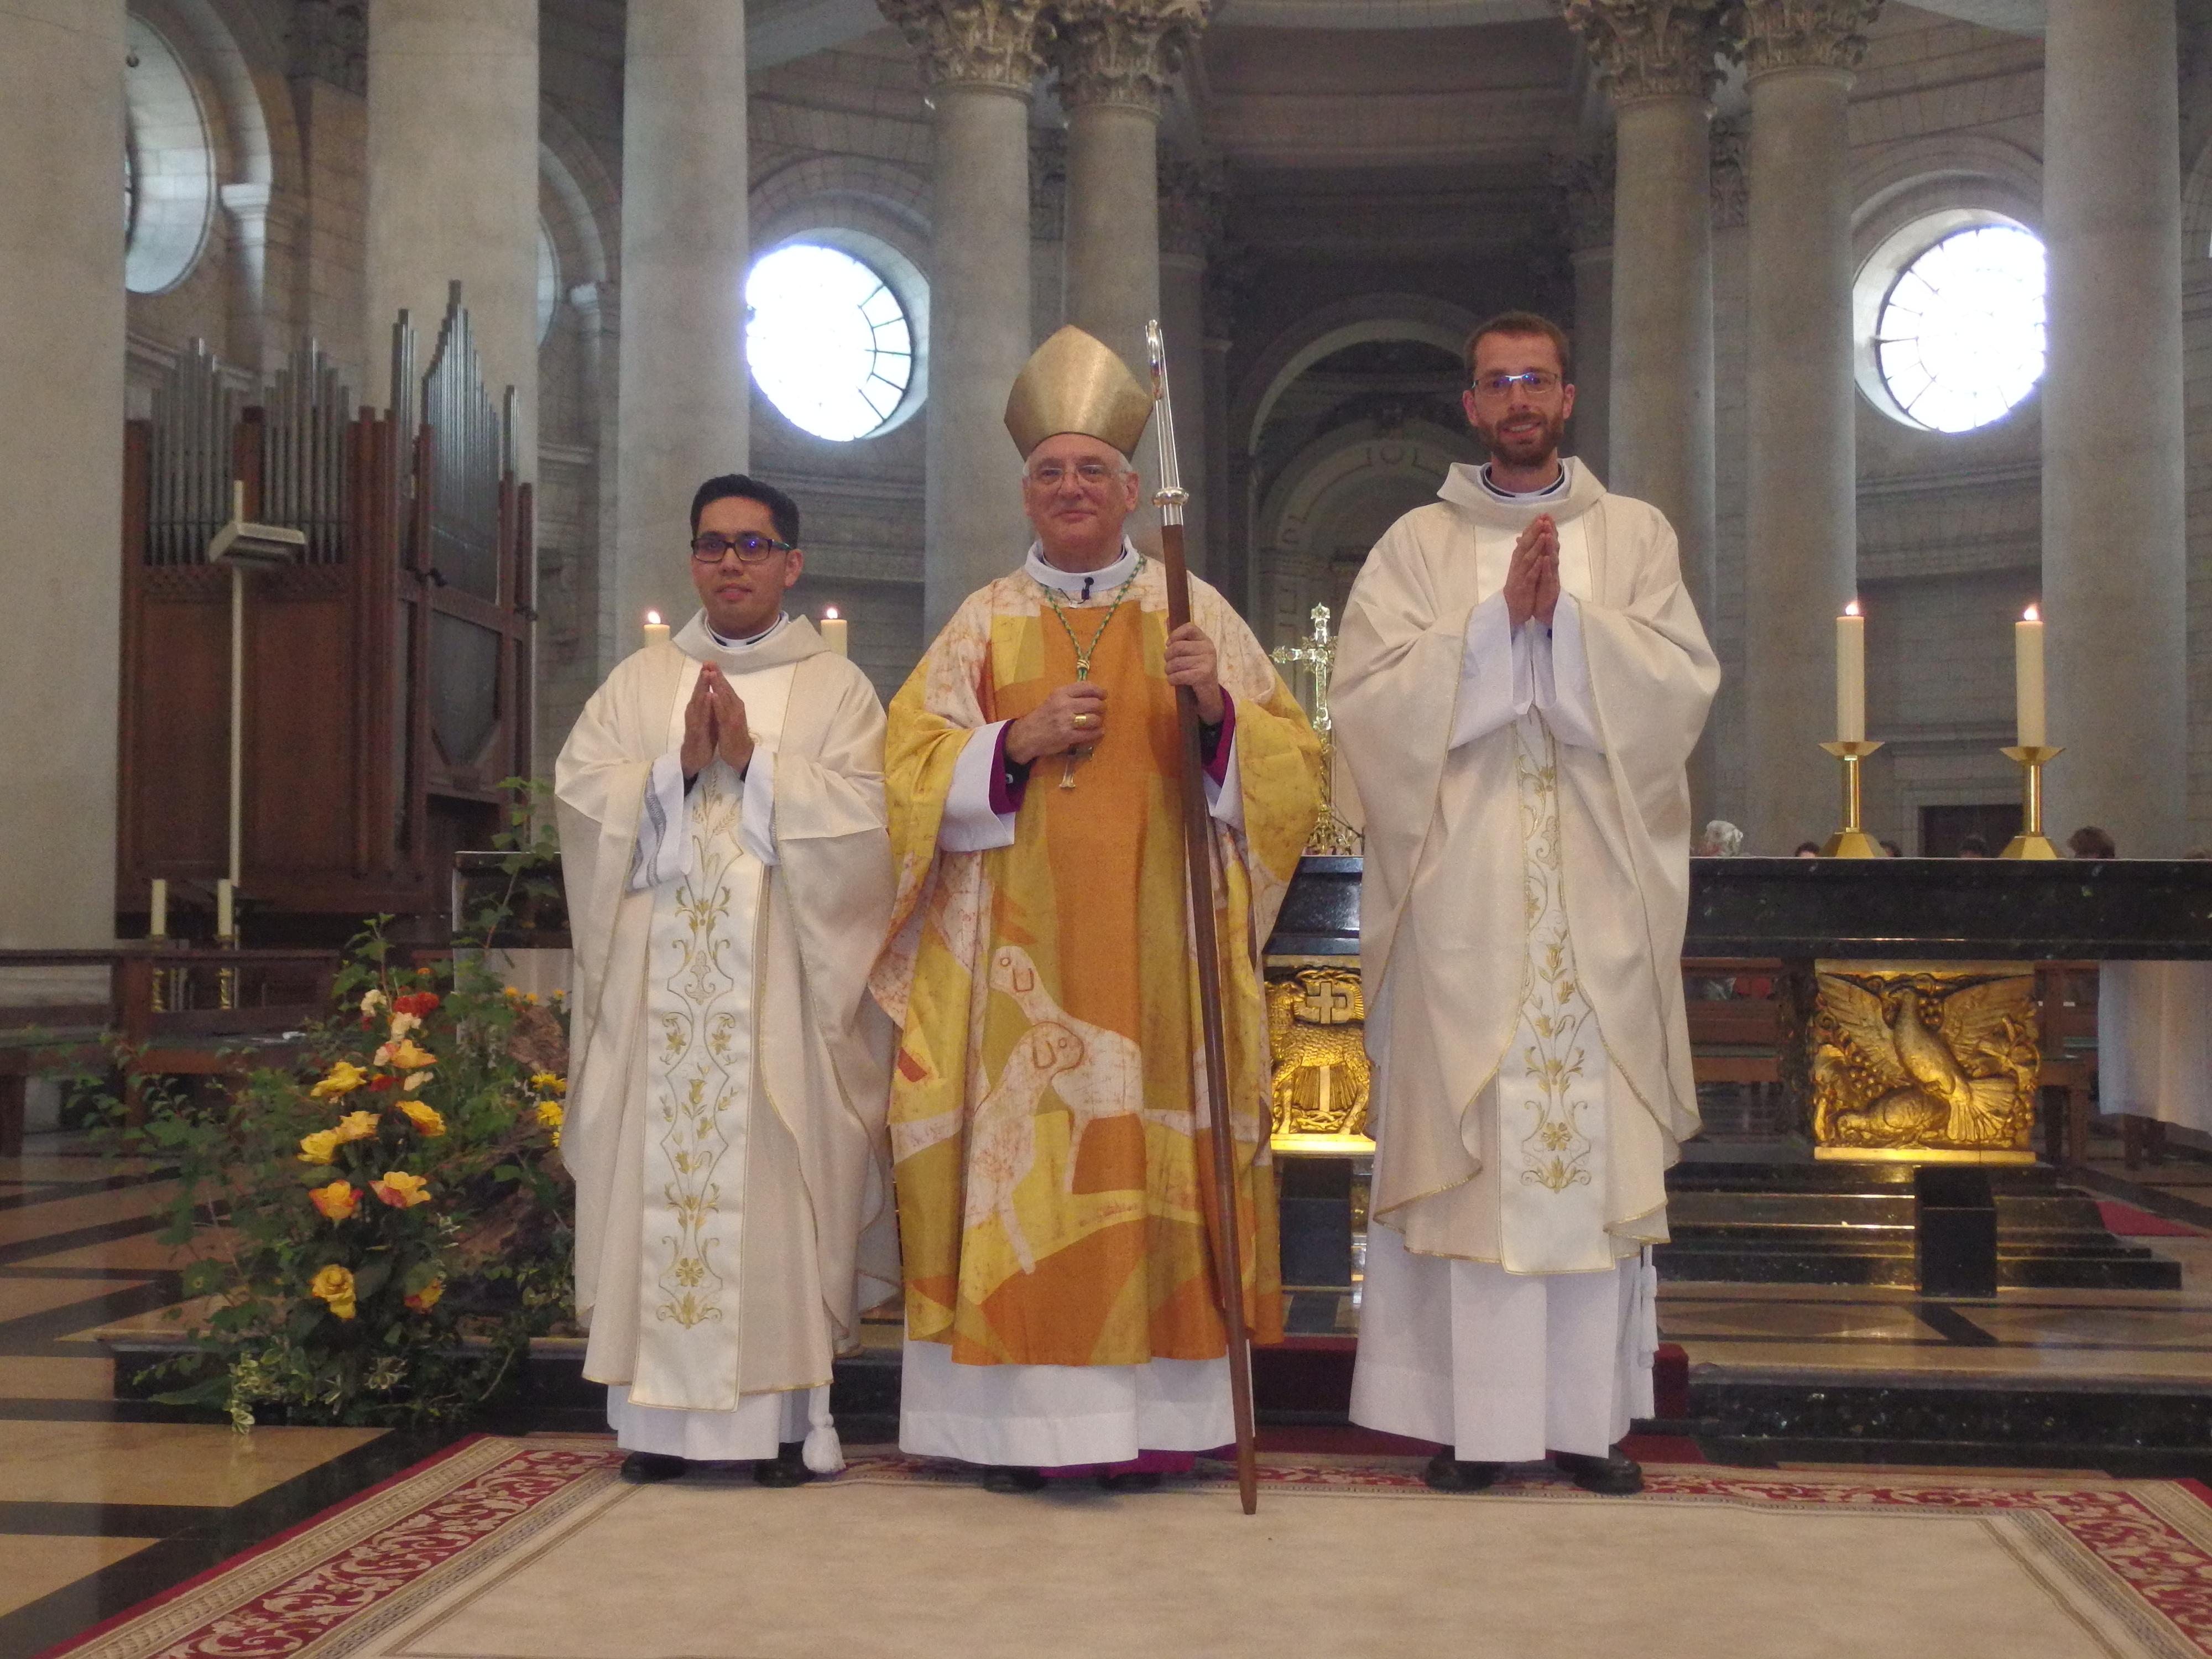 Msg Jaeger entouré des deux nouveaux prêtres ordonnés :